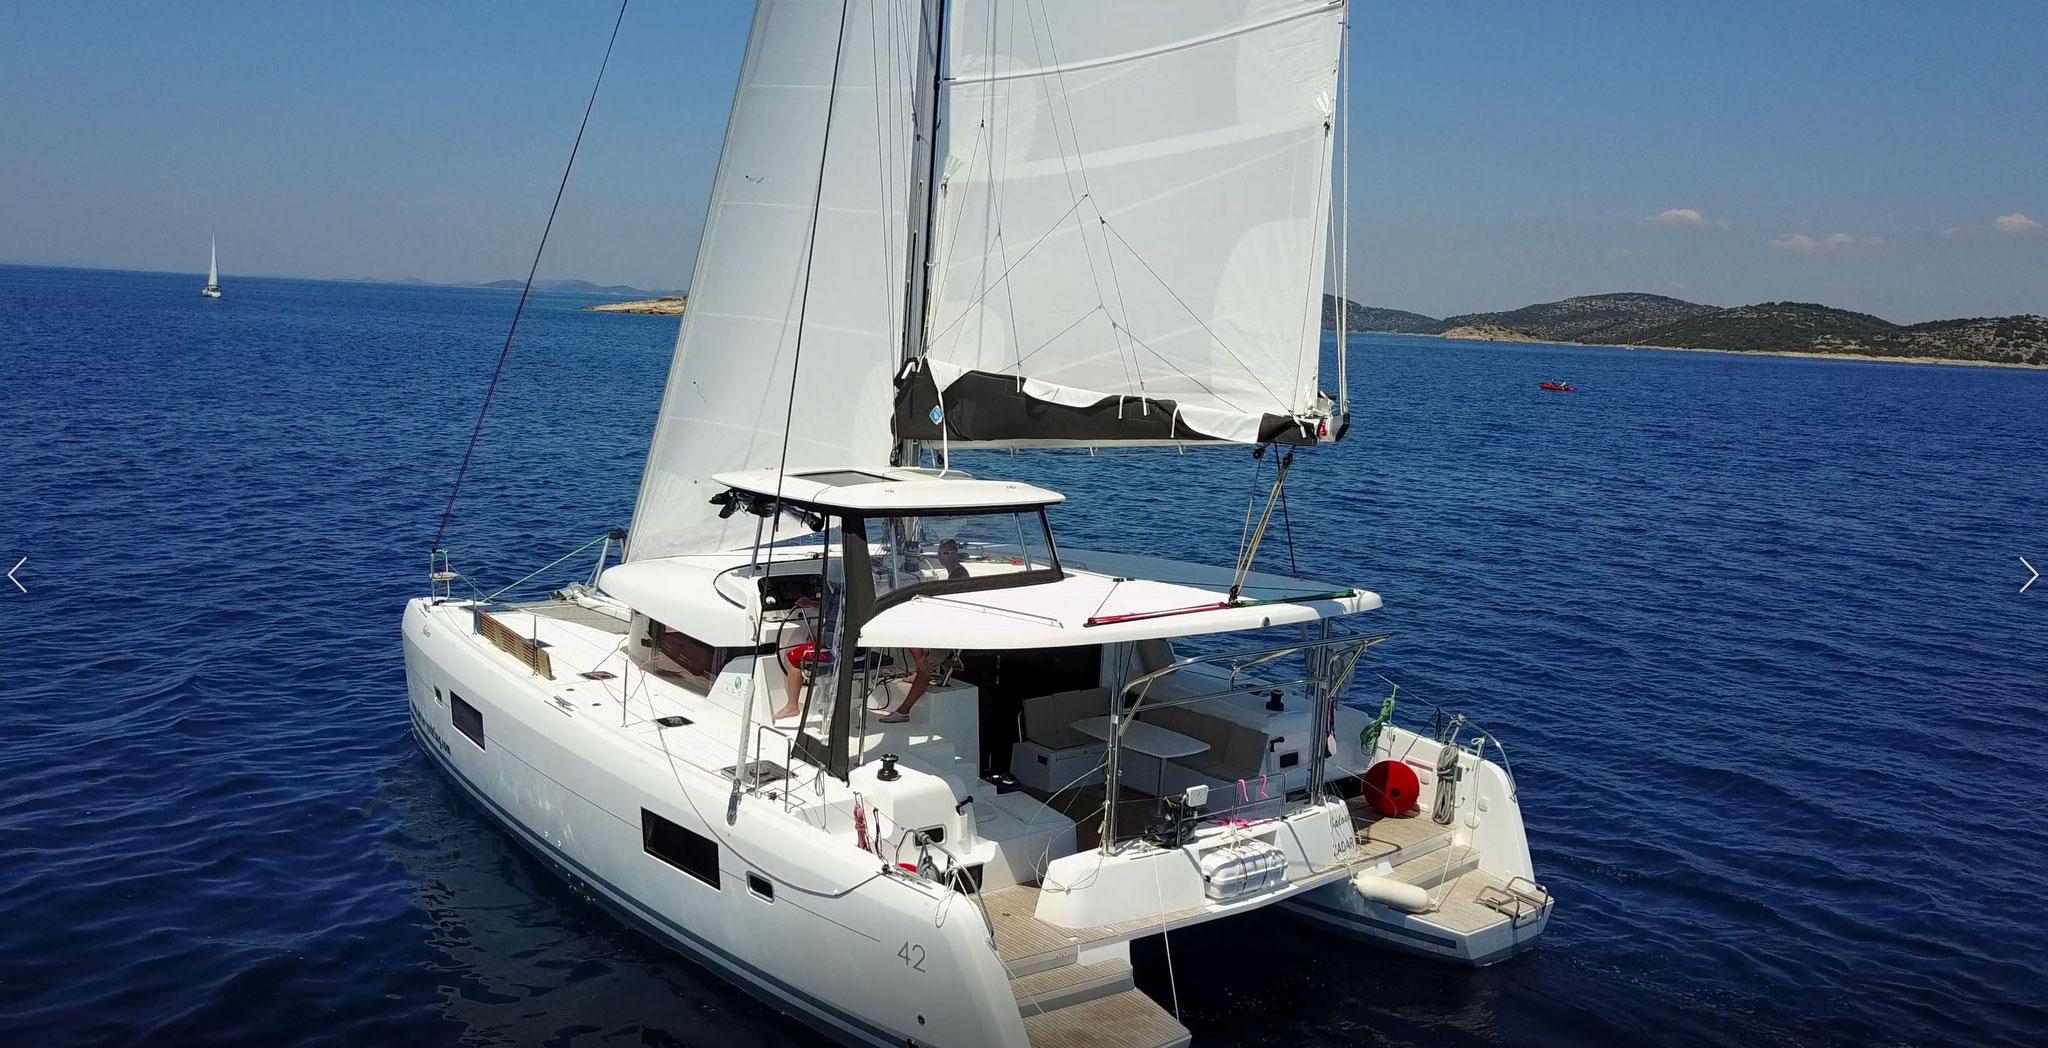 Katamaran segeln als Überführungstörn mit Seemeilenbestätigung - www.katamaramtraum.com